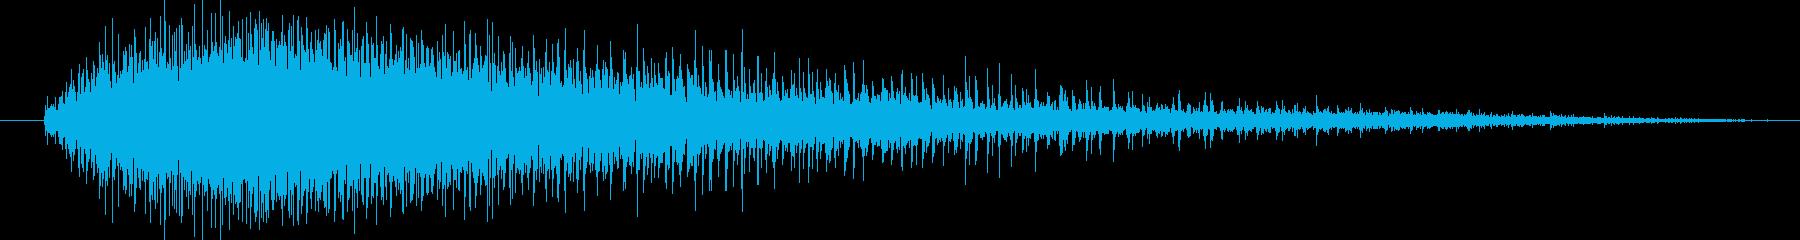 機械 ジグソーエンジン高速中長01の再生済みの波形